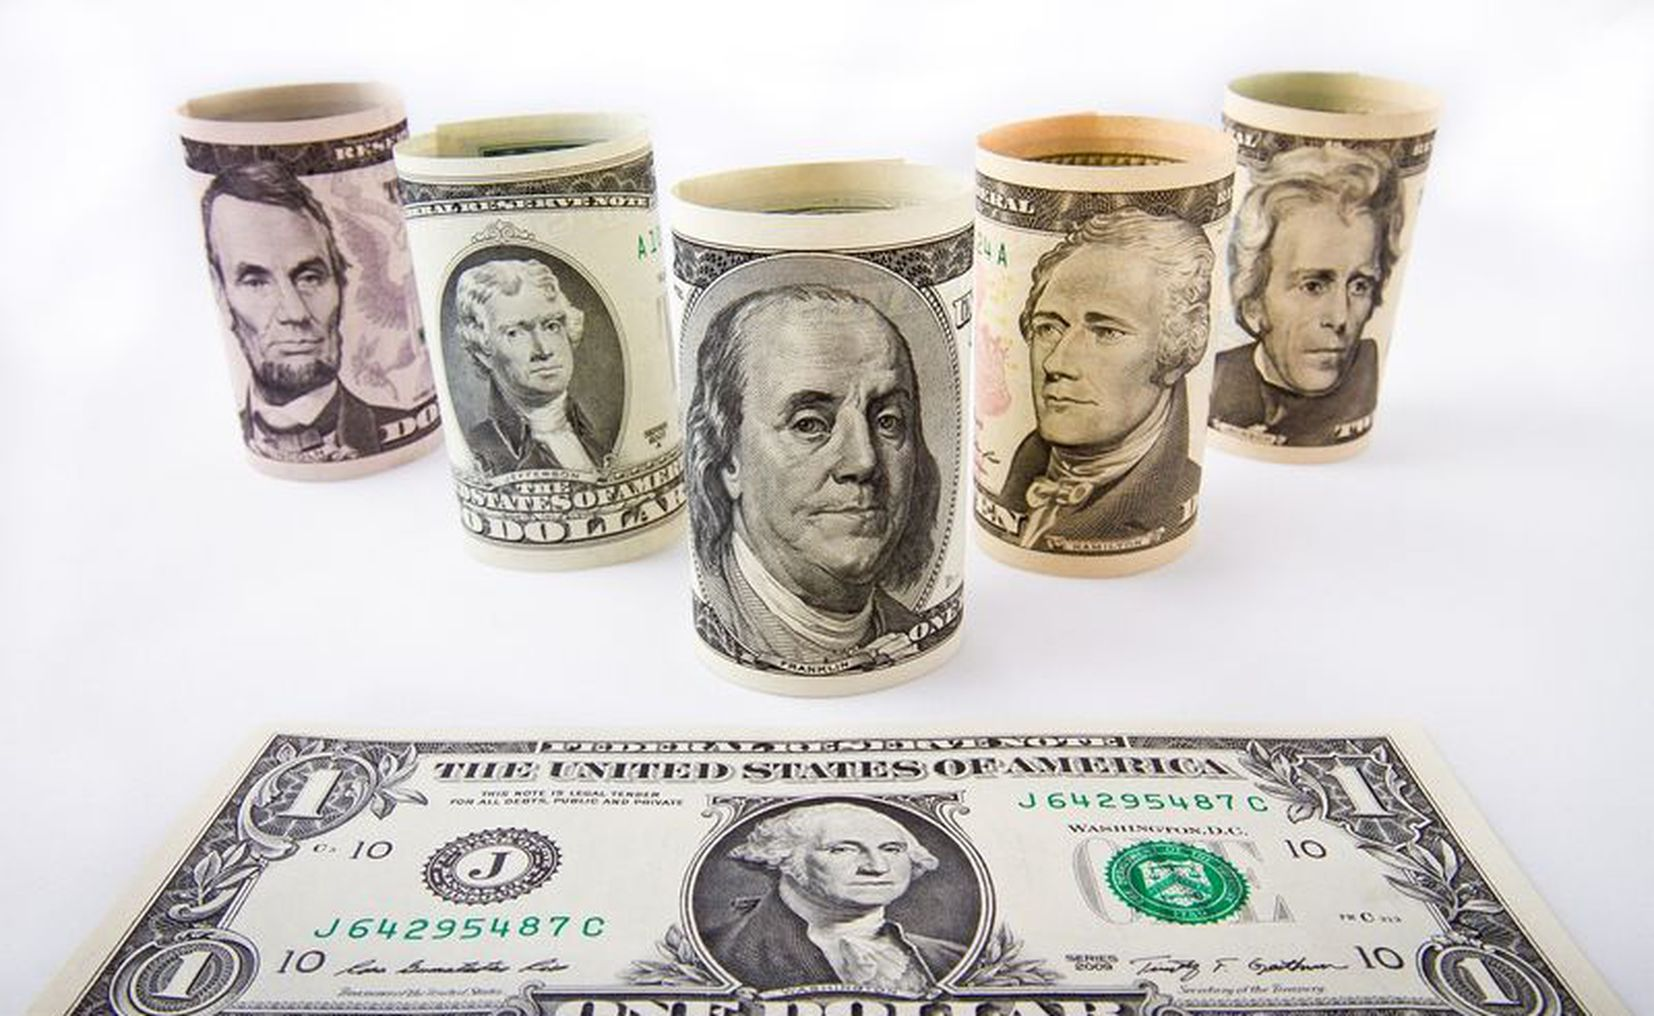 El 3 de julio bajó y cerró a $ 127 — Dólar blue hoy